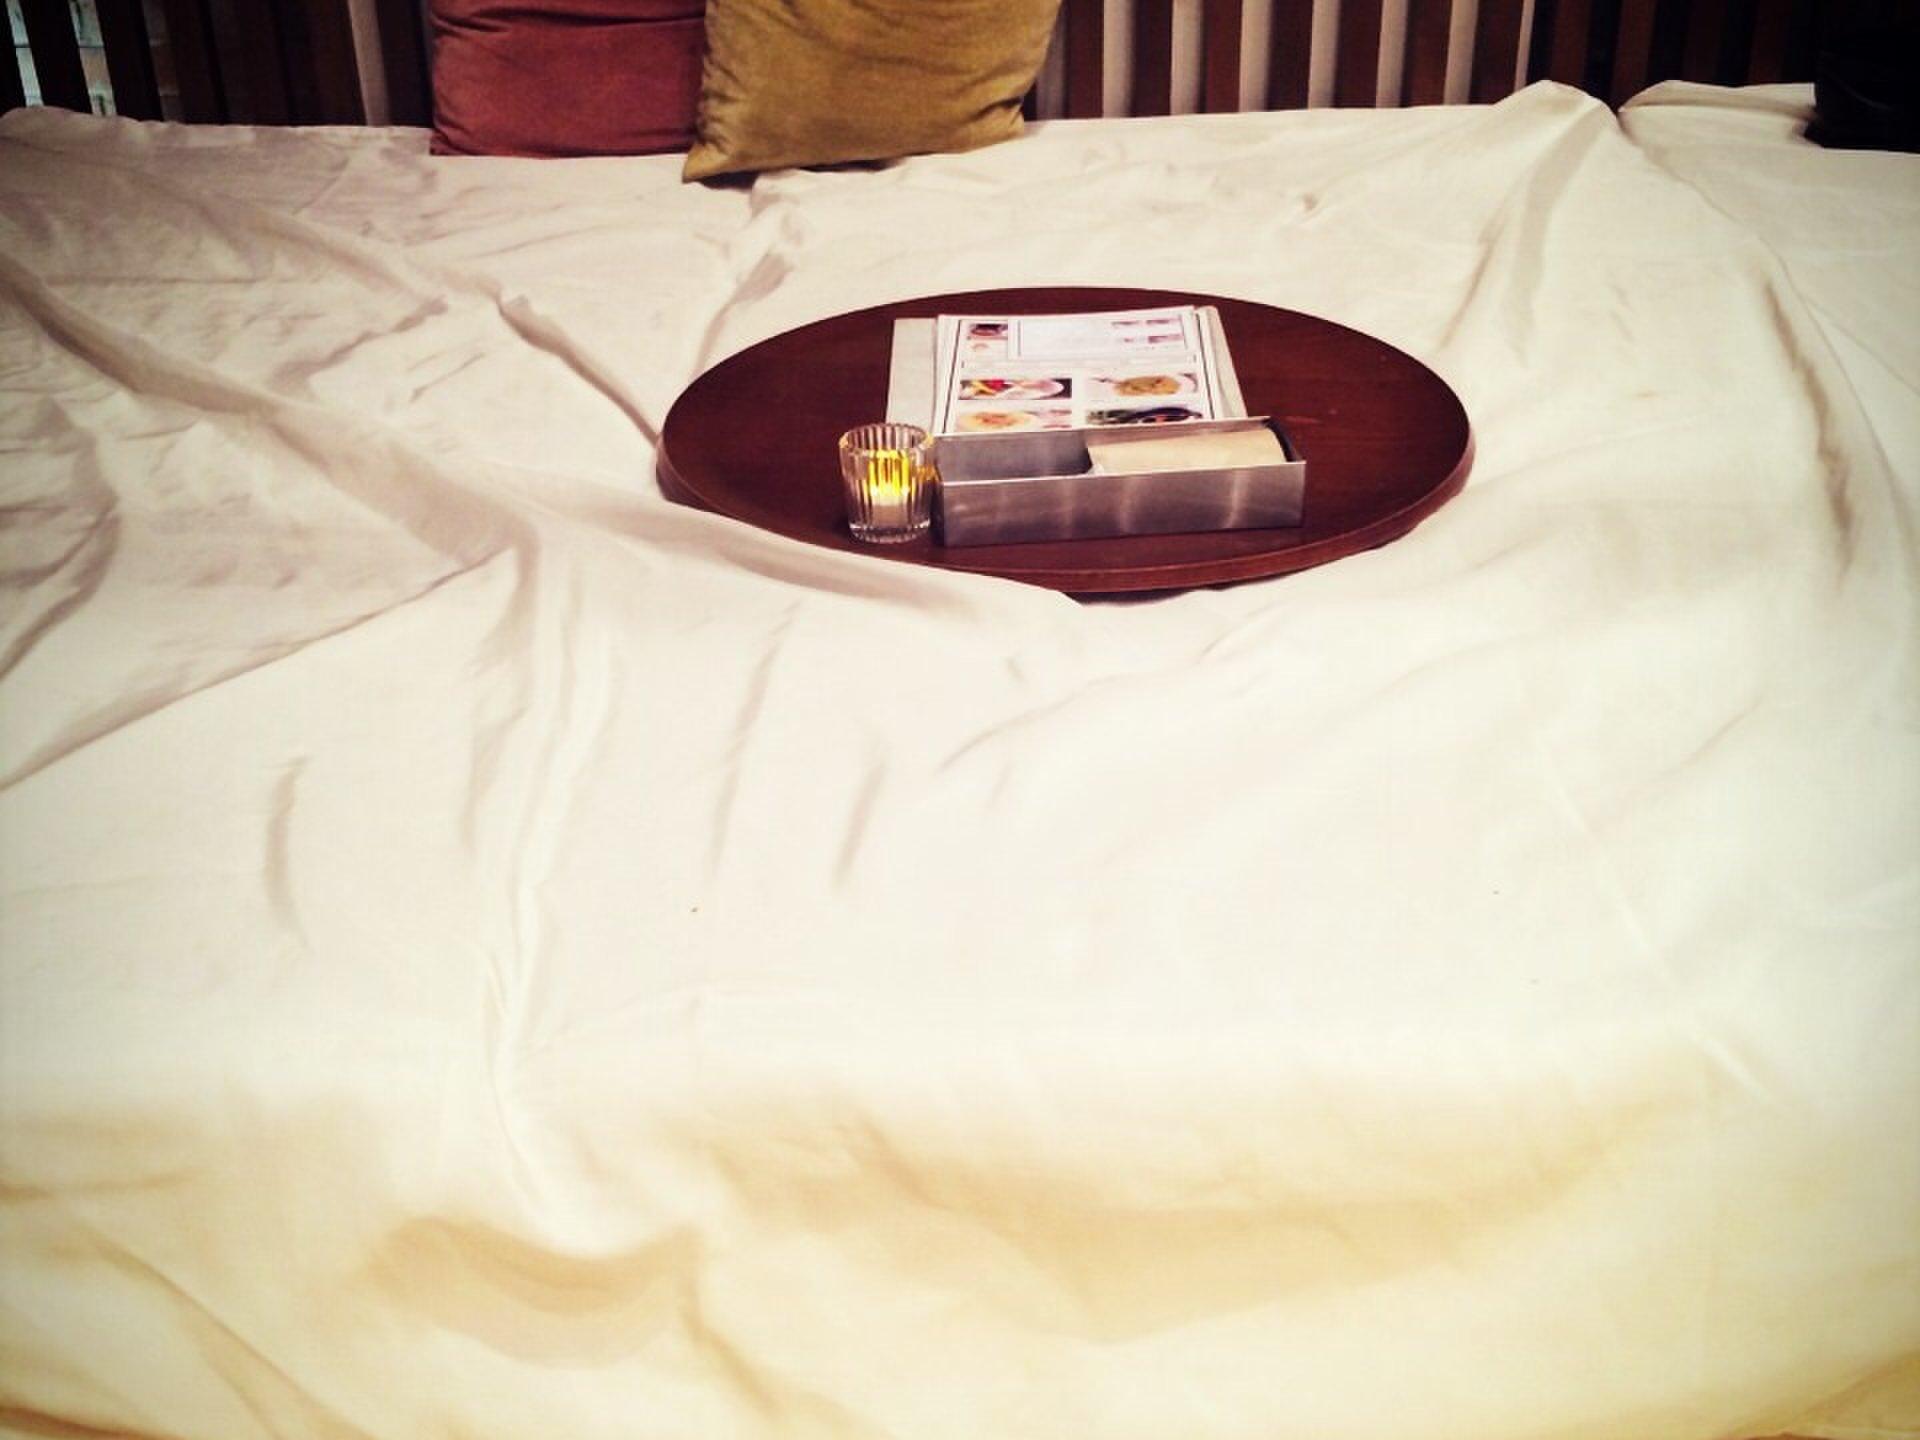 【横浜・赤レンガ倉庫】ベッドのあるカフェ「chano-ma(チャノマ)」でまったりデート